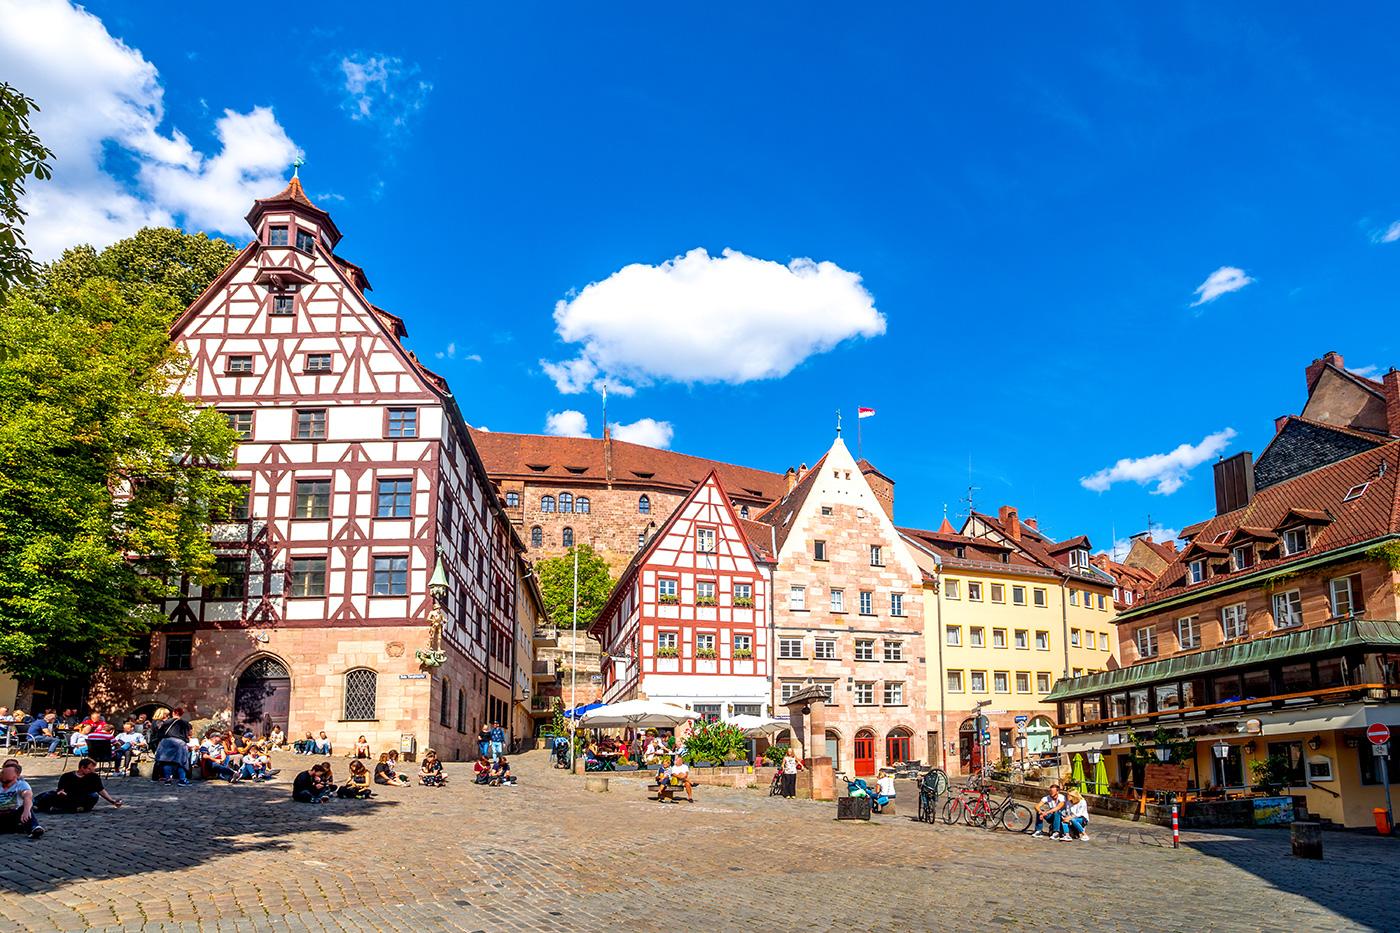 Verkaufen Sie Ihre Wohnung in Nürnberg